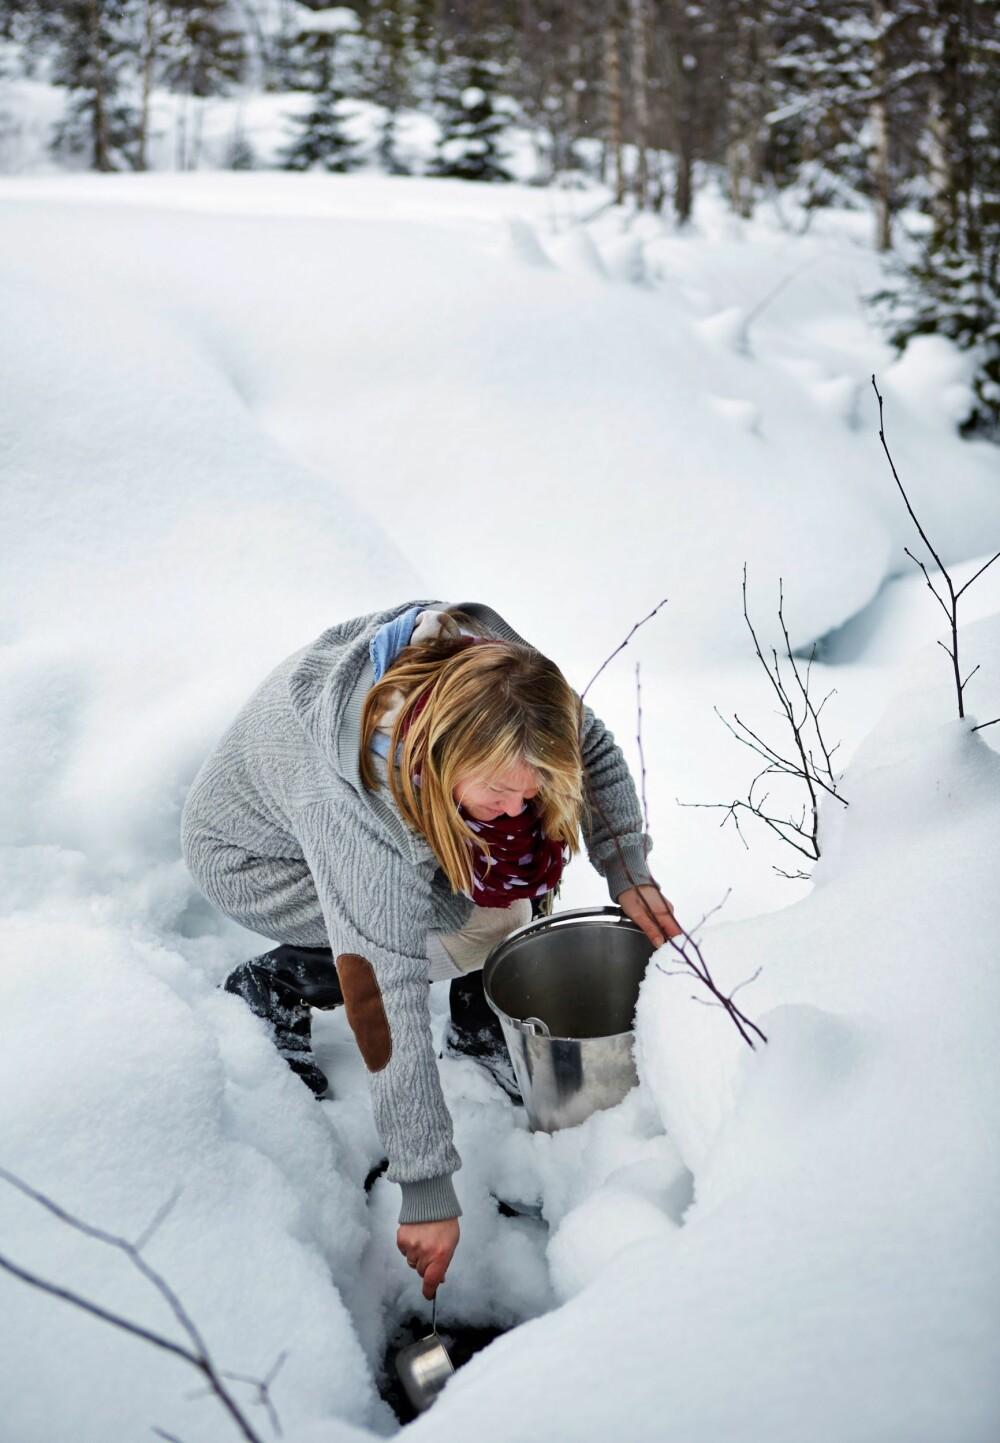 I bekken: Vann til kaffen henter Lene i bekken som ligger cirka 100 meter fra hytta. Snart putrer kjelen på ovnen.